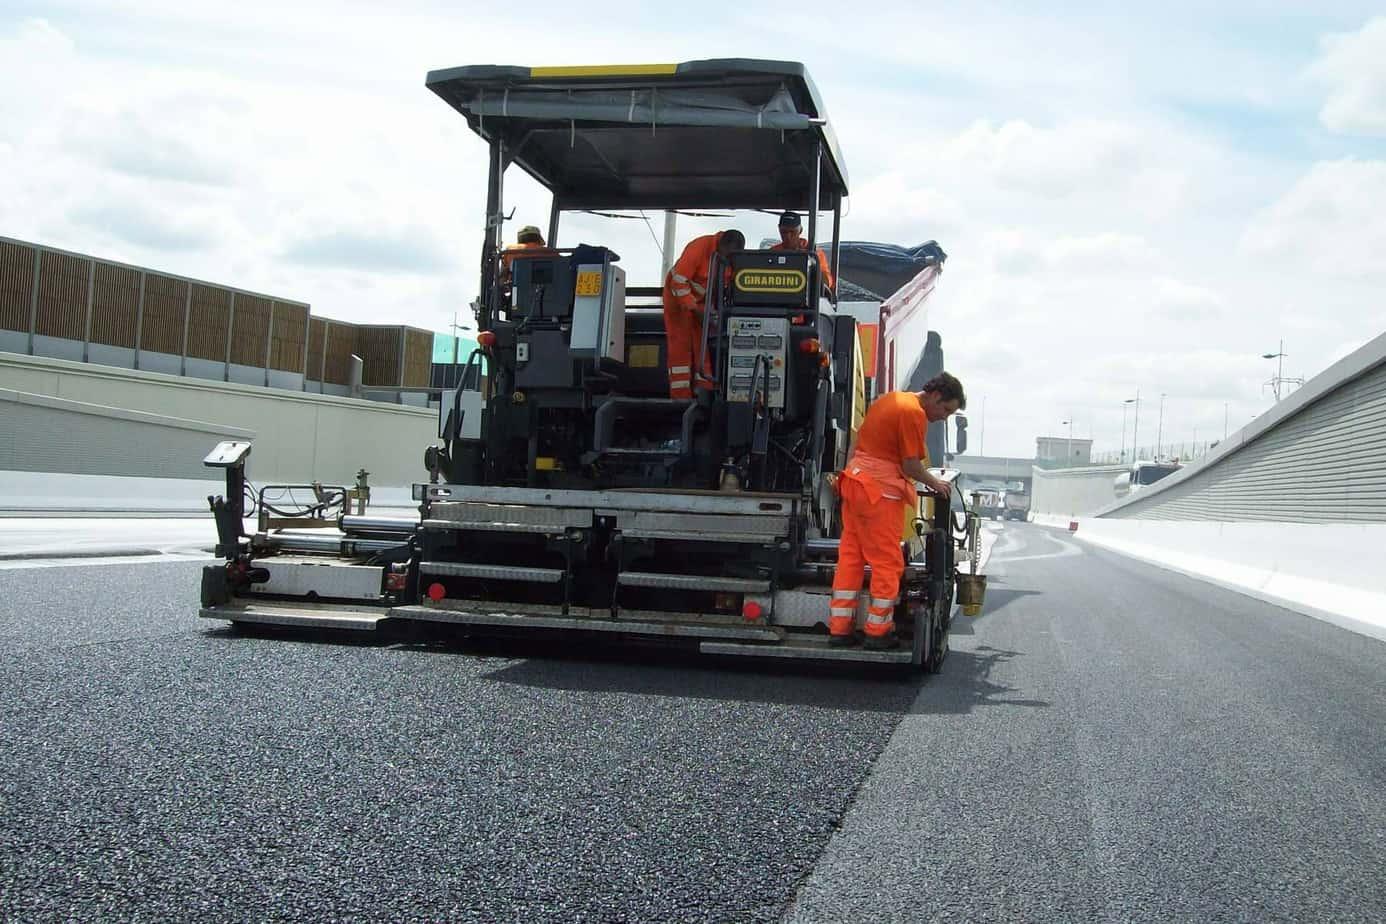 La vibrofinitrice Dynapac SD2500WS lavora con precisione accanto alla stesa d'asfalto della SD2500W